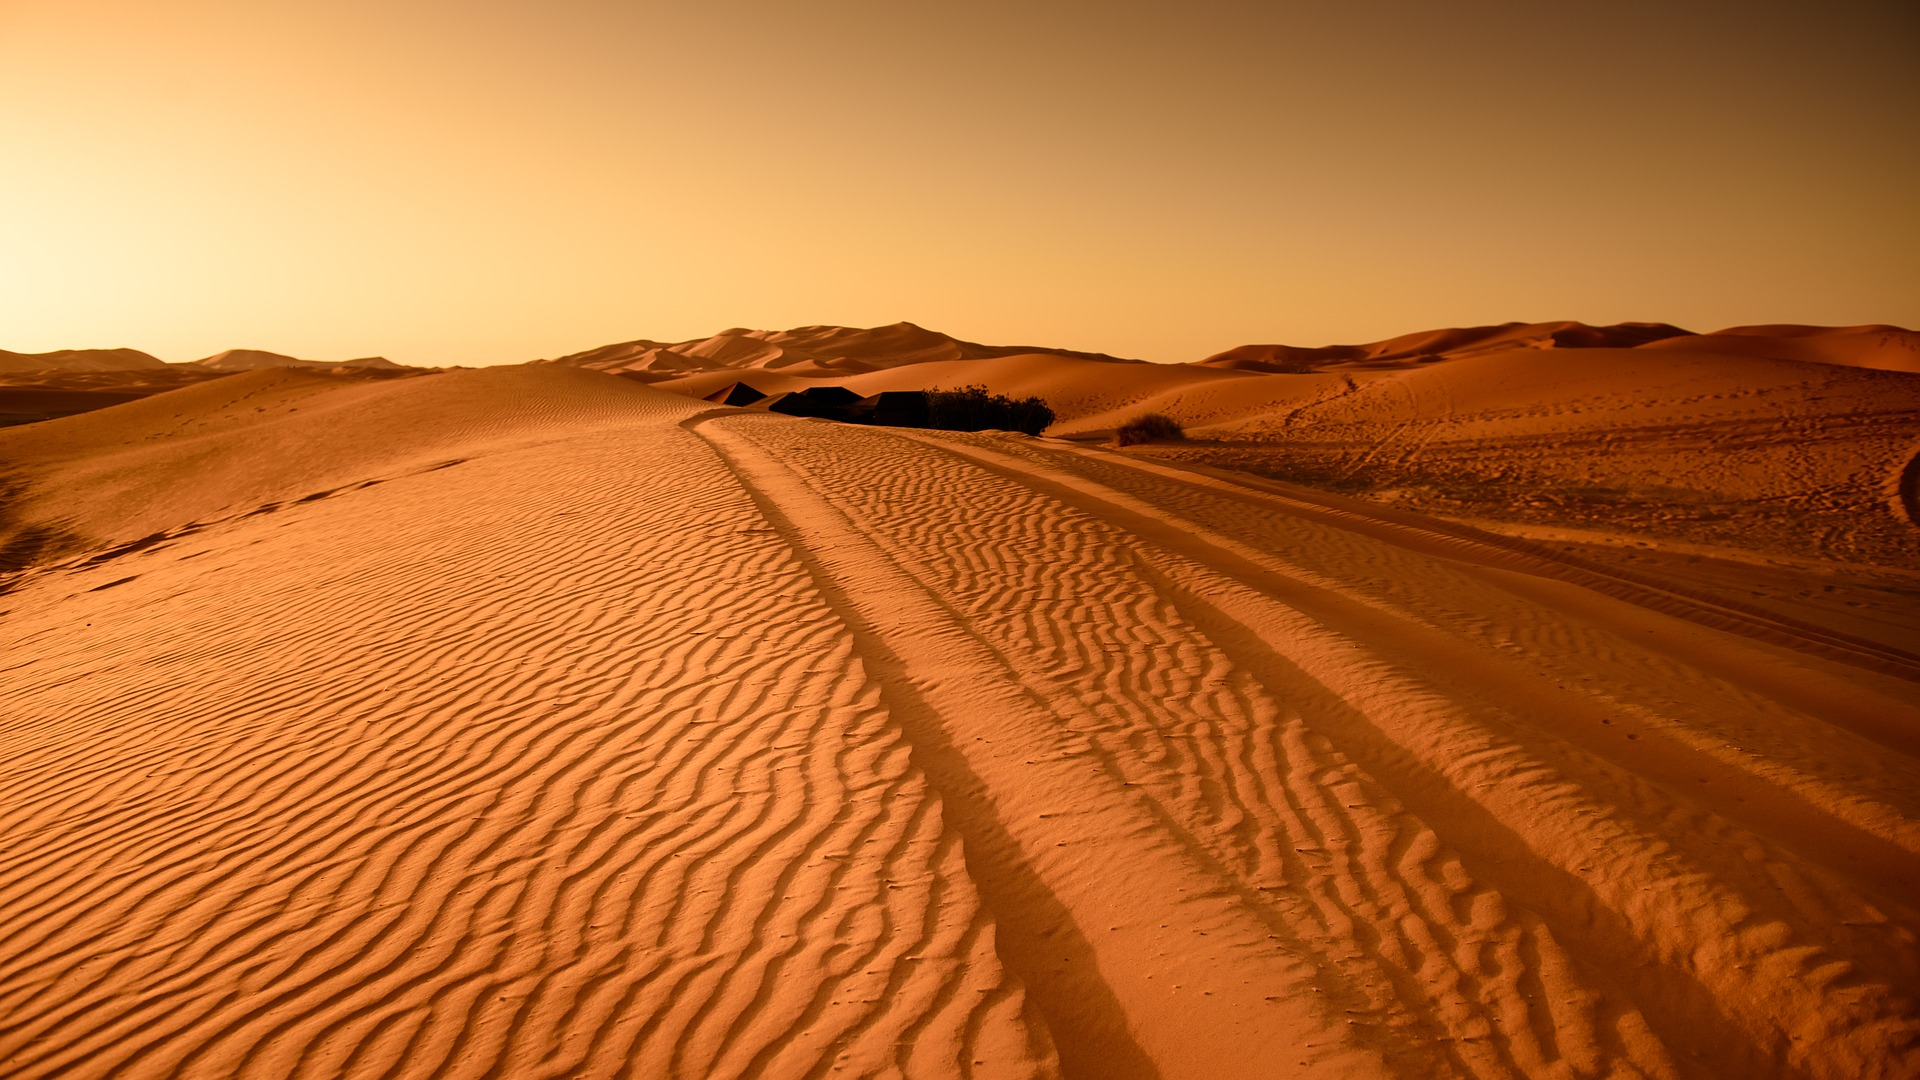 sand dunes in the moroccan desert